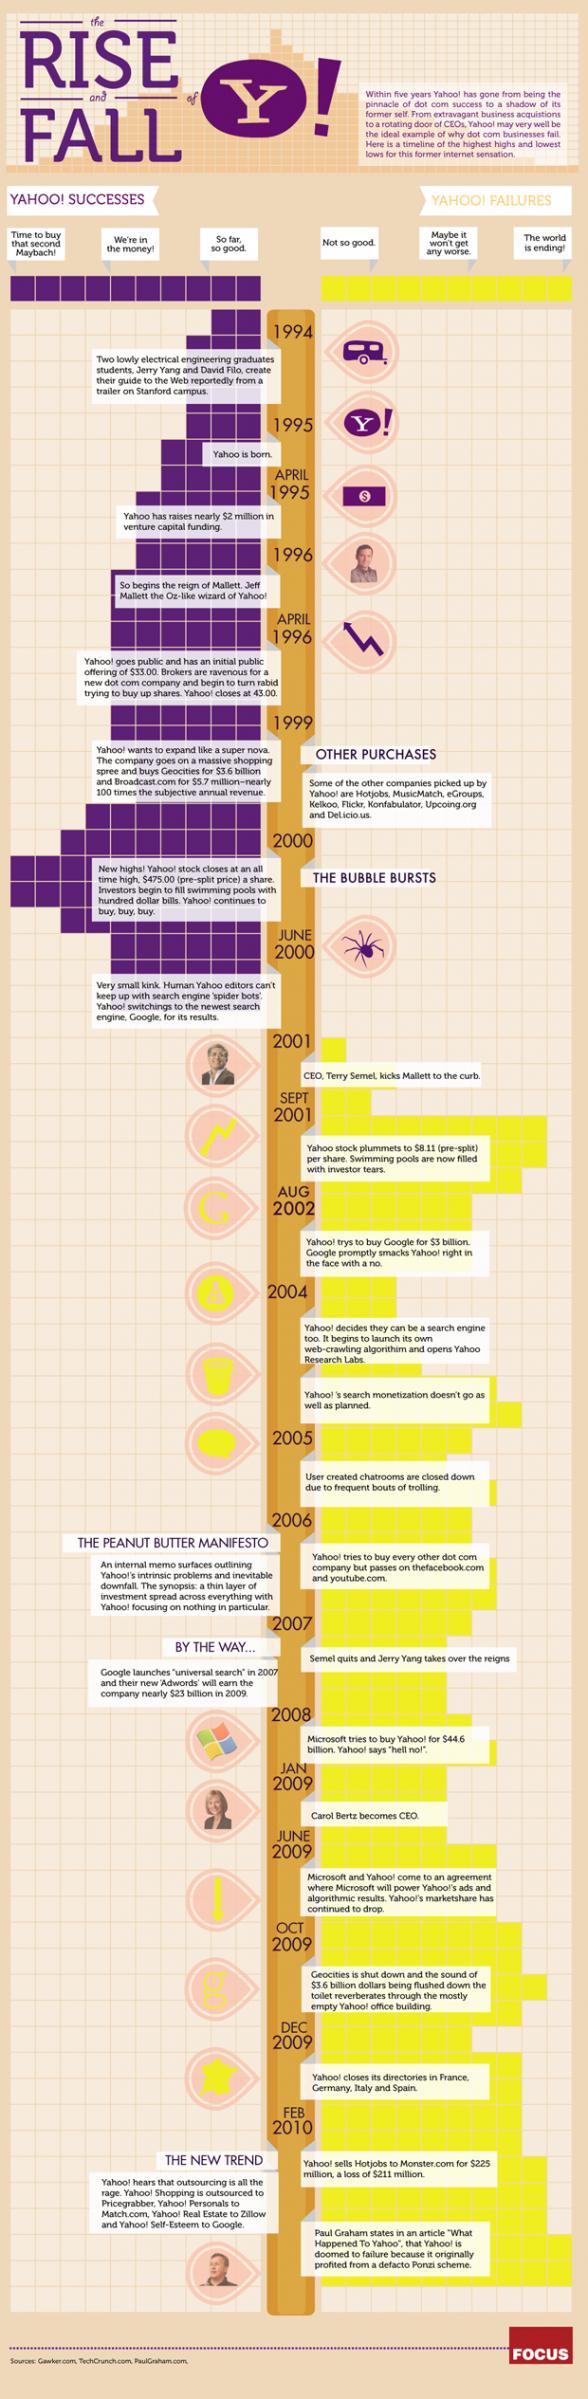 Succès et échecs de Yahoo